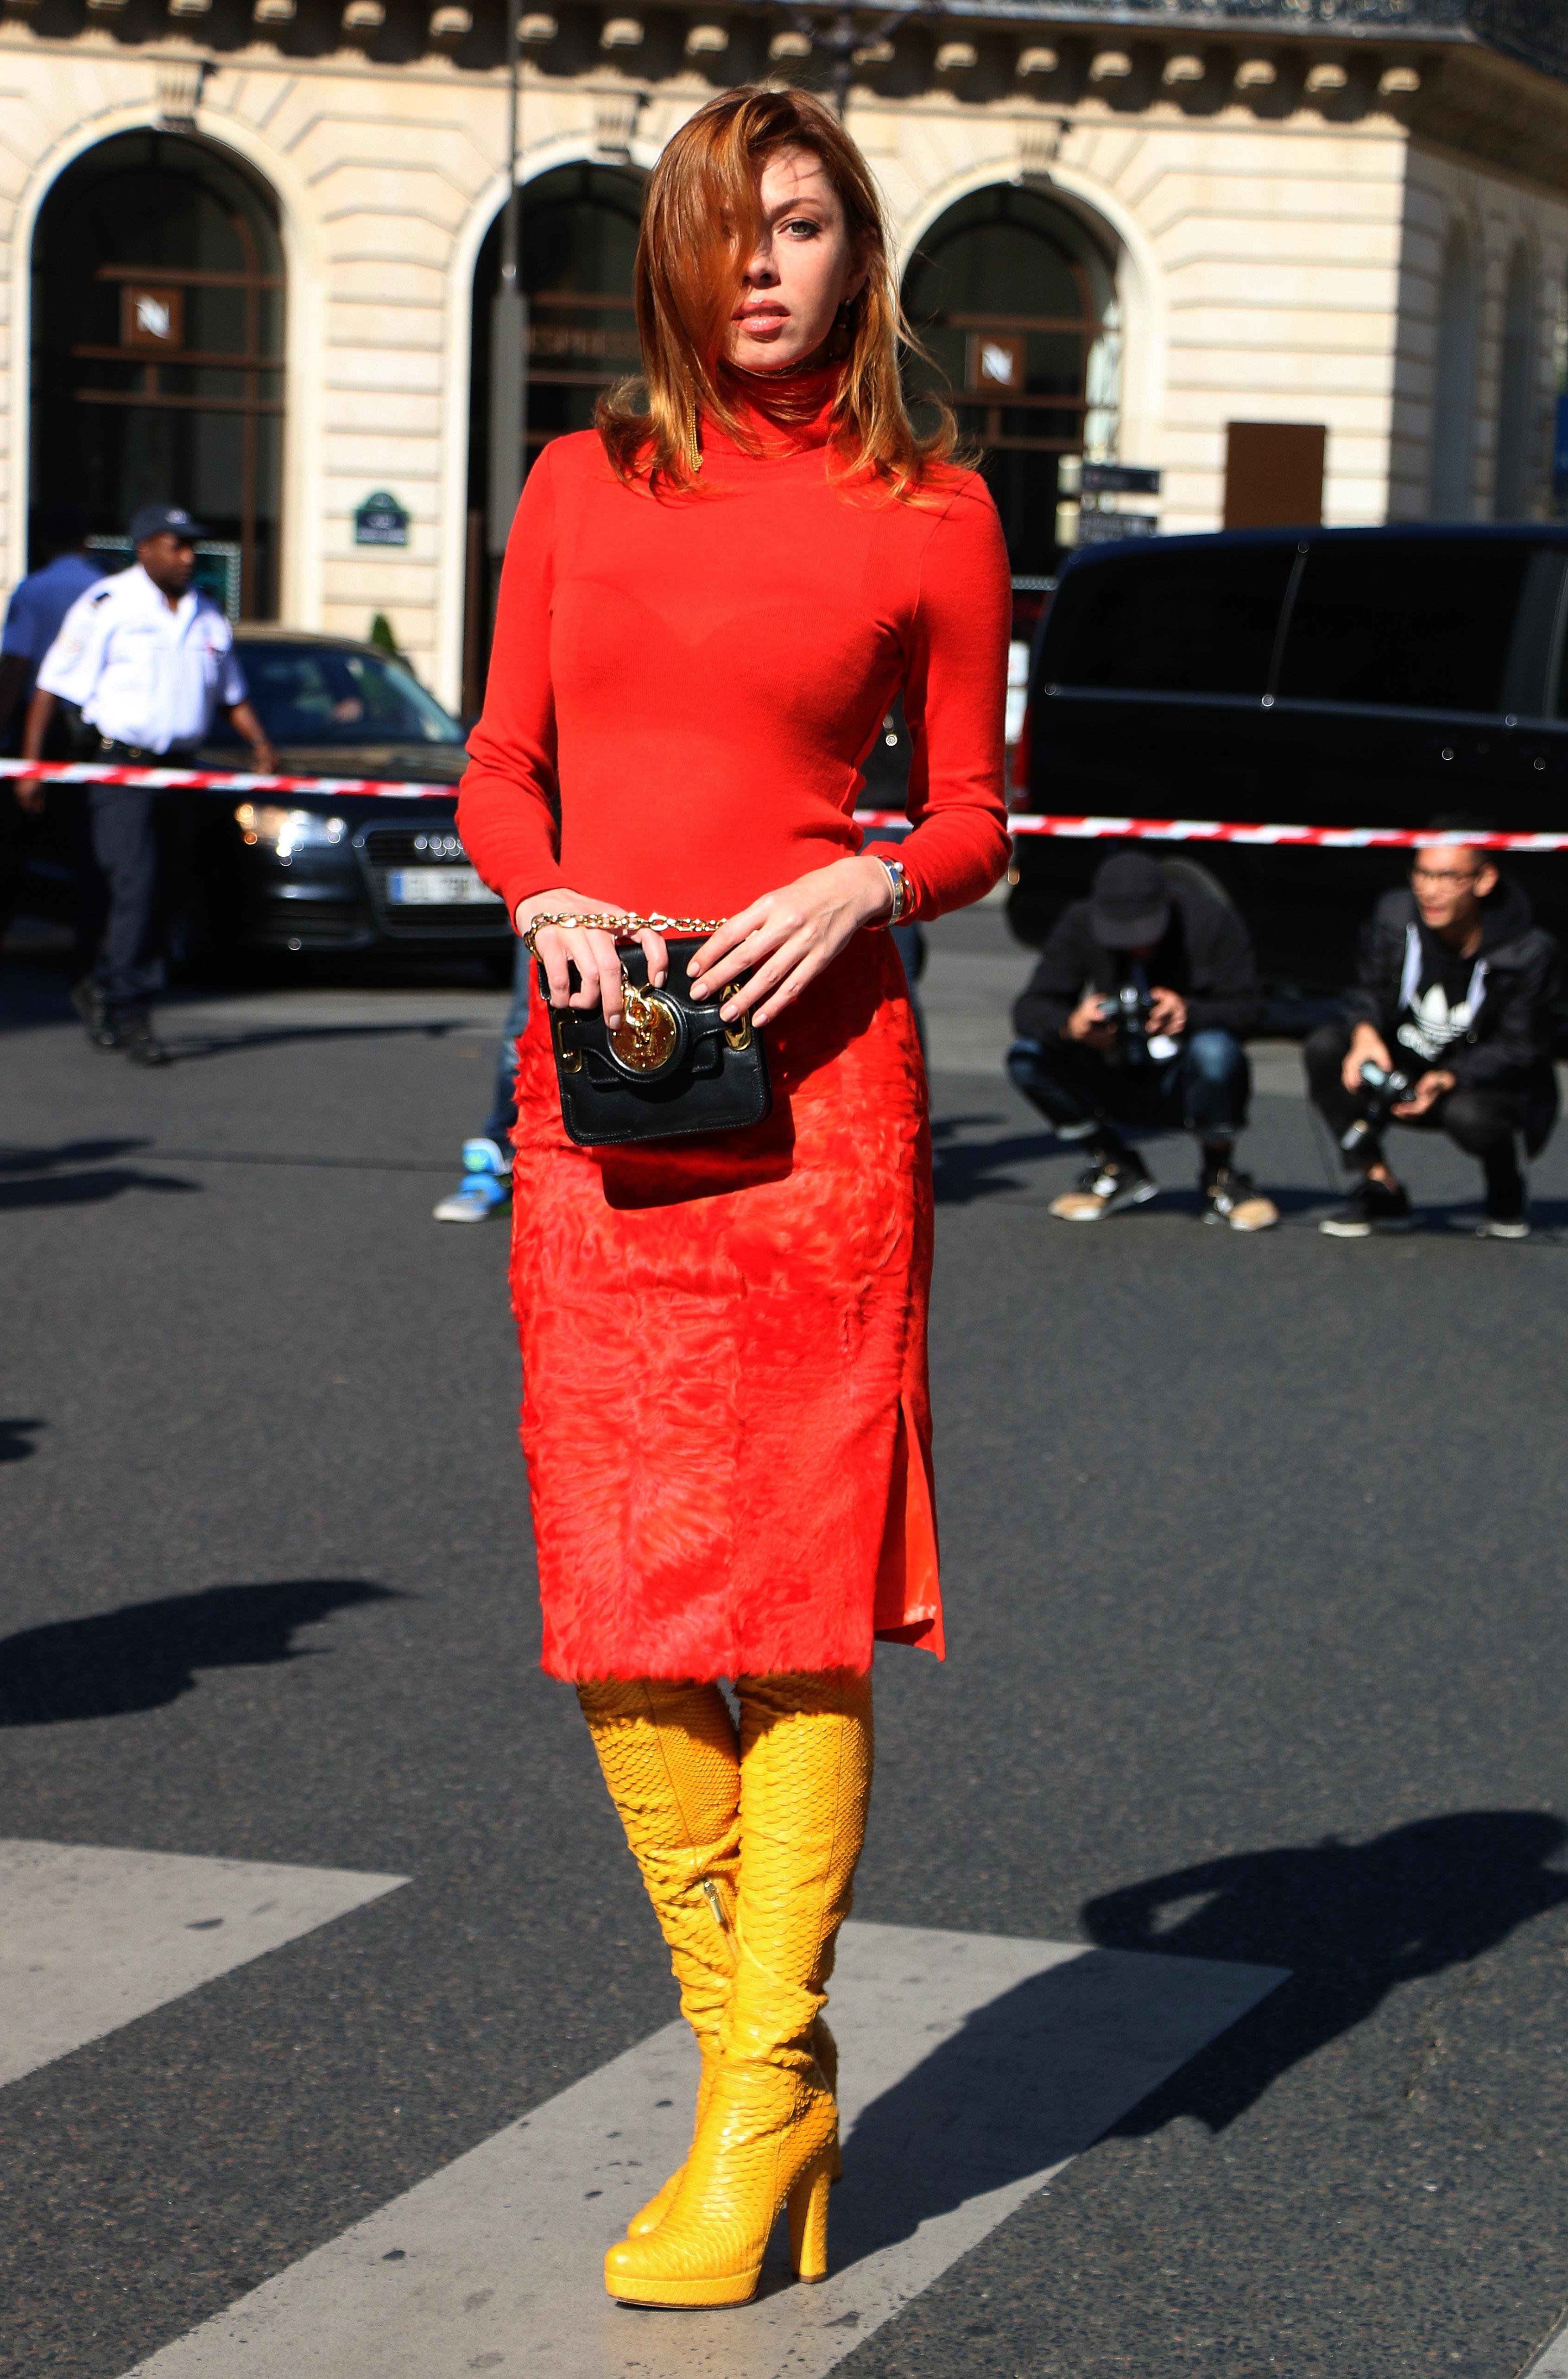 marque remonte bottes 3384 référence femme cuir marron laine TFK1uc3Jl